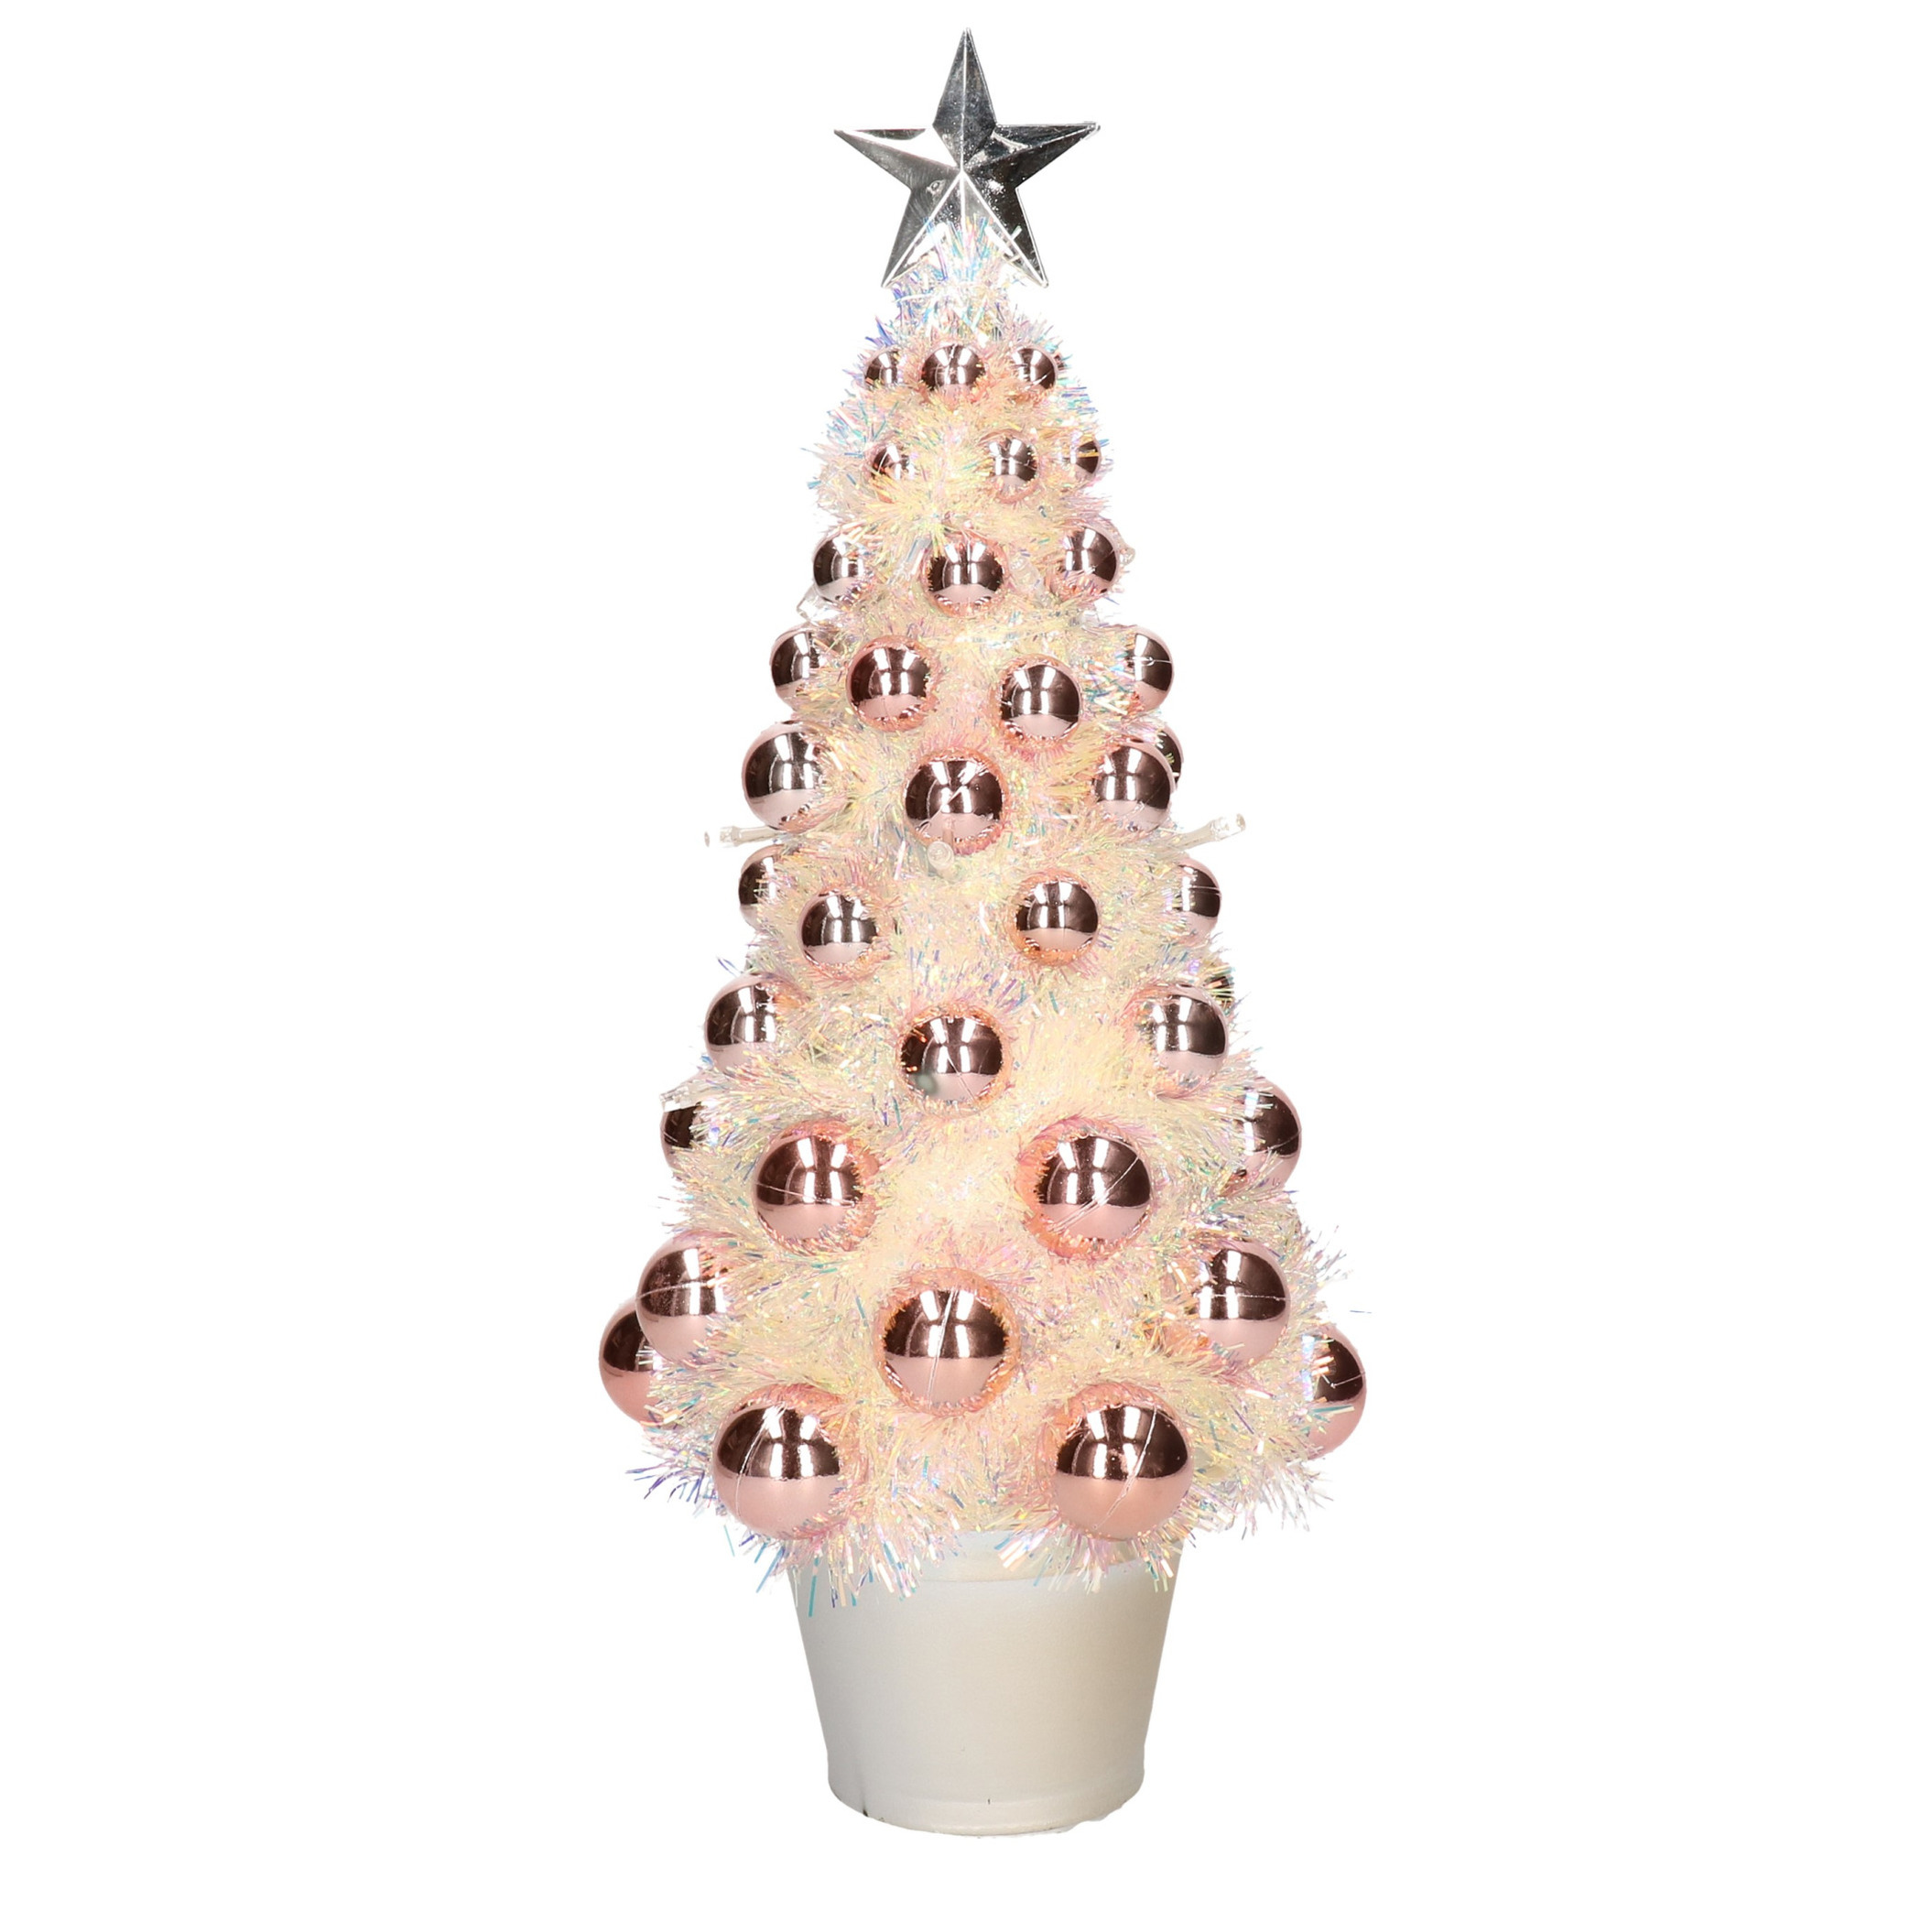 Complete mini kunst kerstboom-kunstboom zalmroze met lichtjes 40 cm